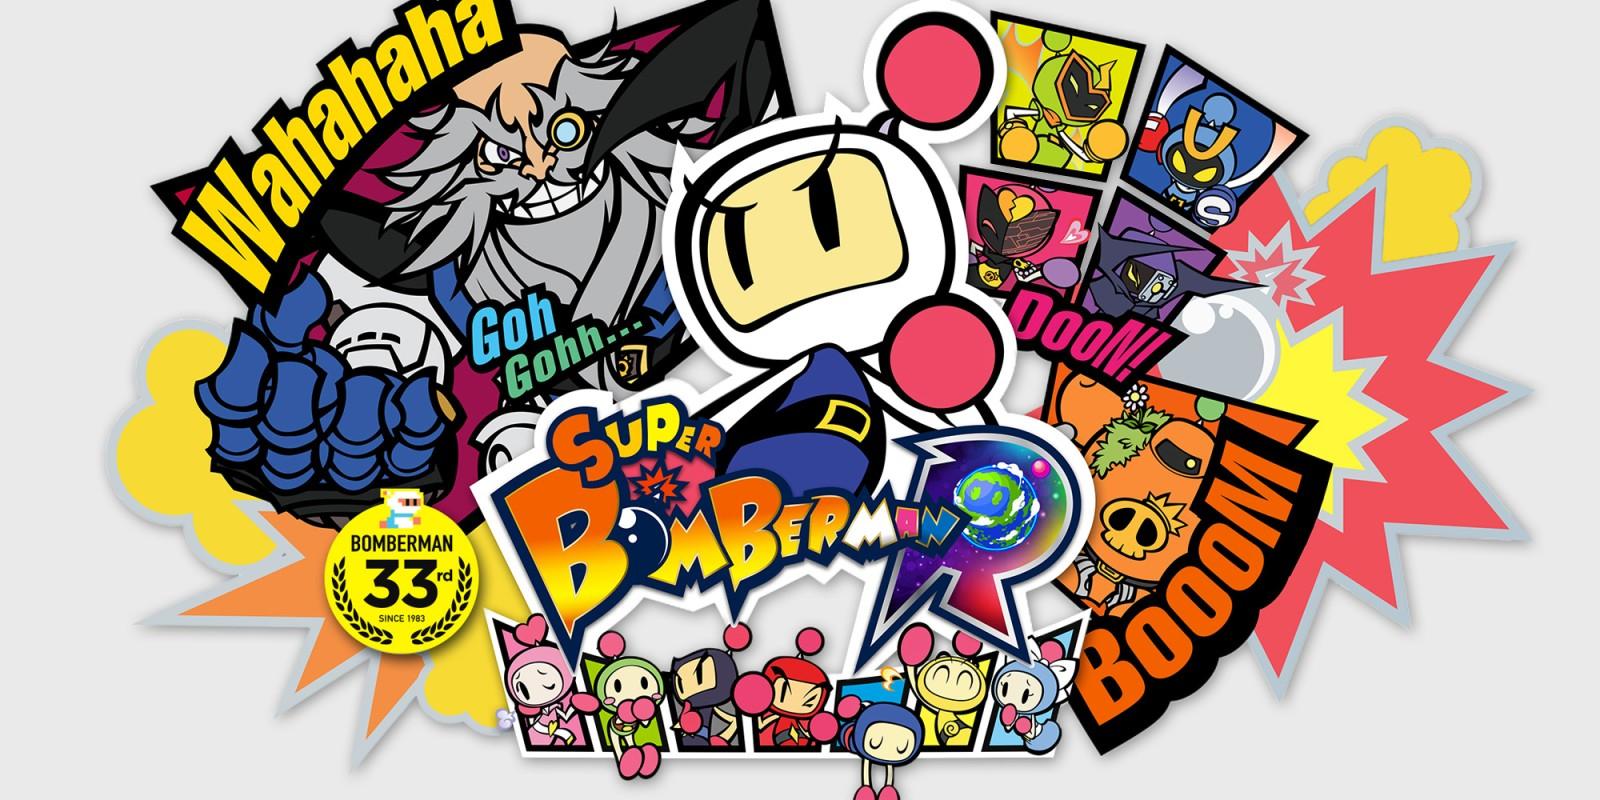 Super Bomberman R - Nintendo eShop download